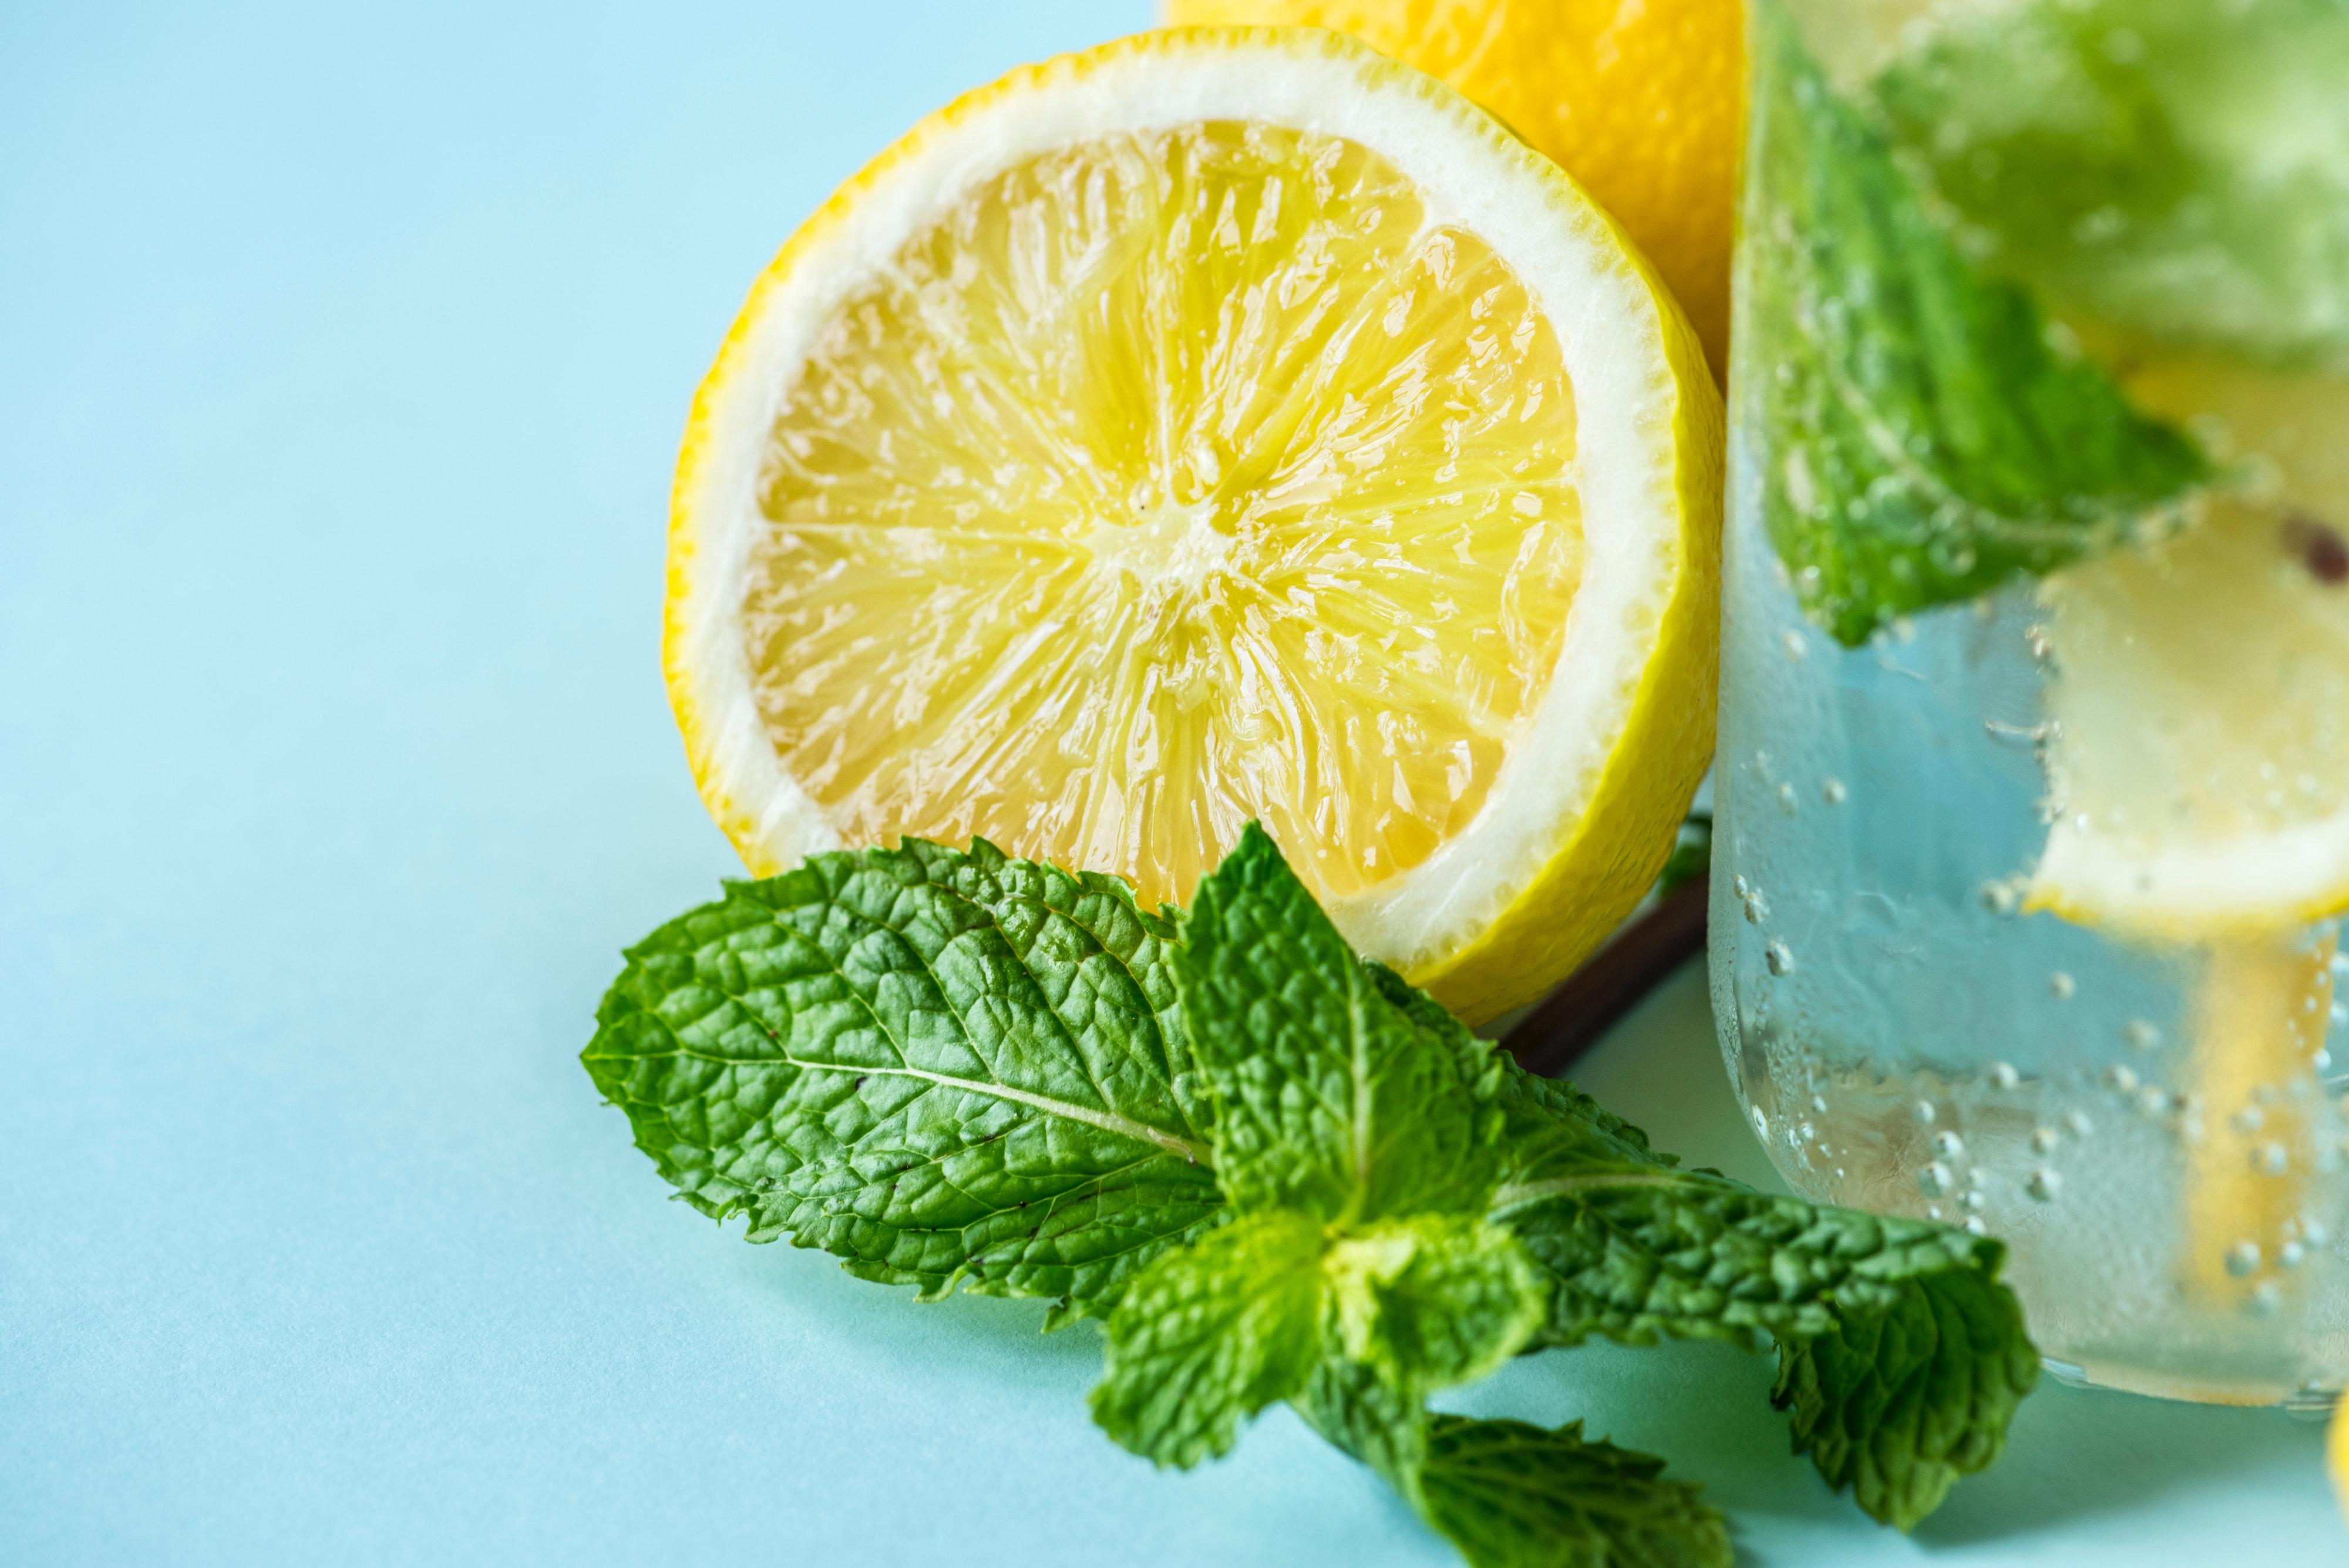 懷孕可以喝蜂蜜檸檬水嗎?